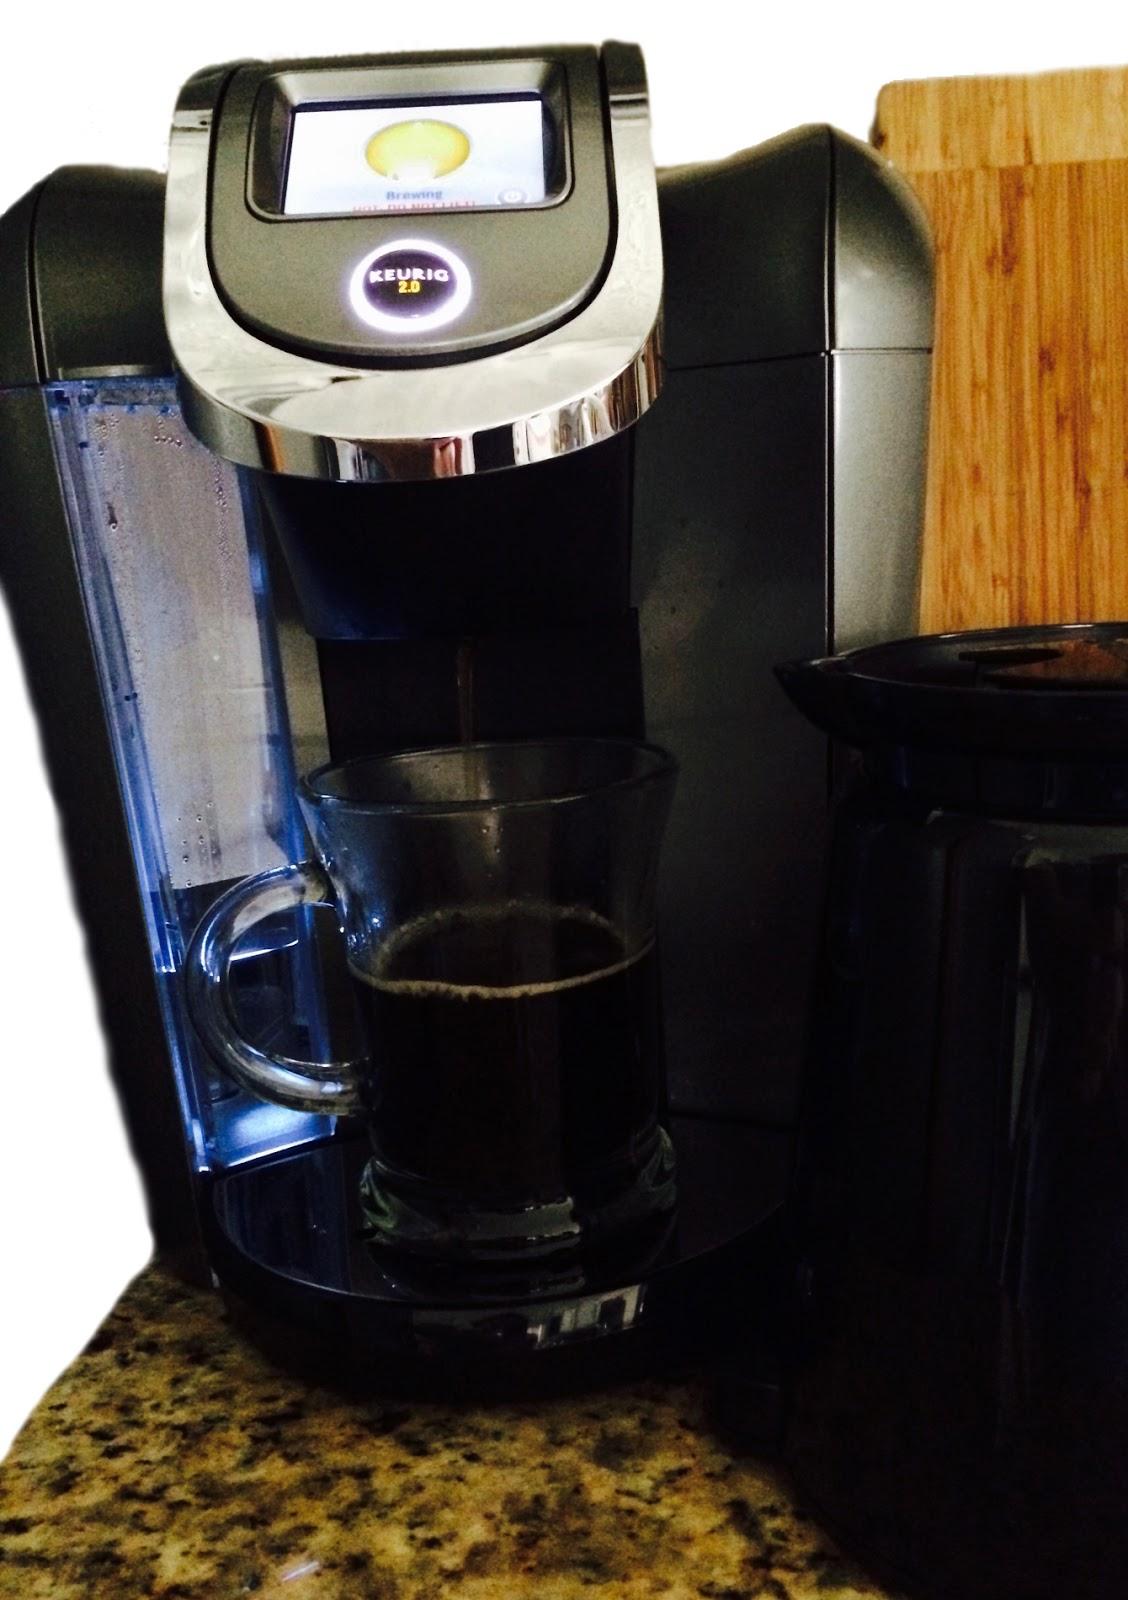 brewing coffee in new keurig